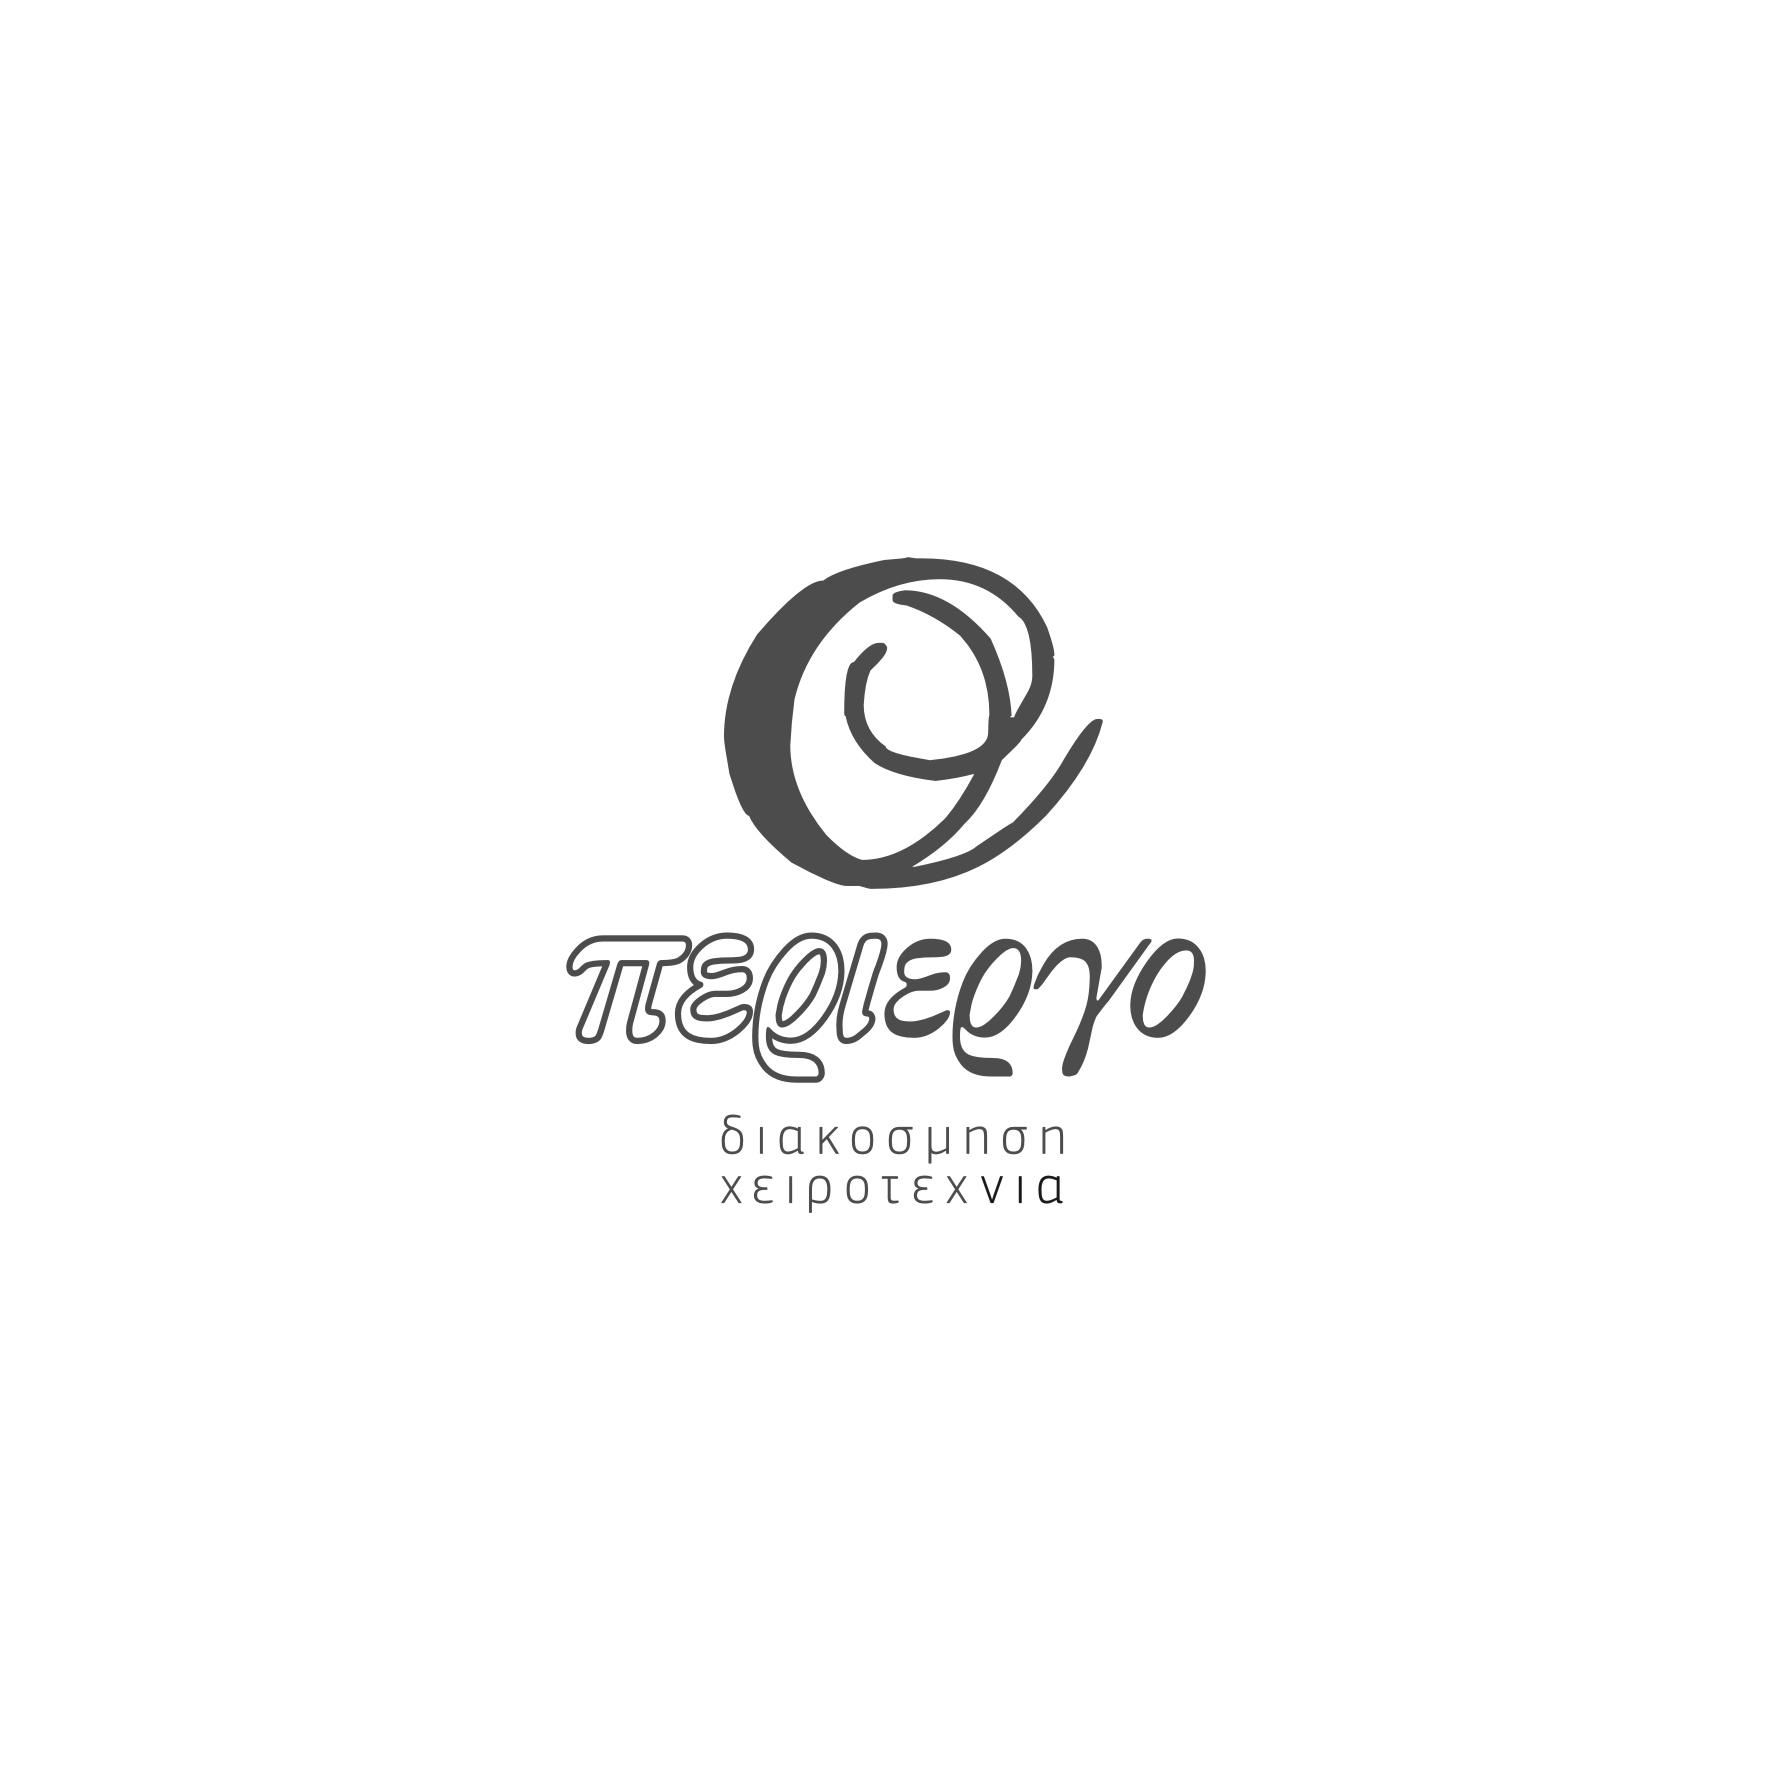 https://0501.nccdn.net/4_2/000/000/06b/a1b/periergo_by_koukida.jpg